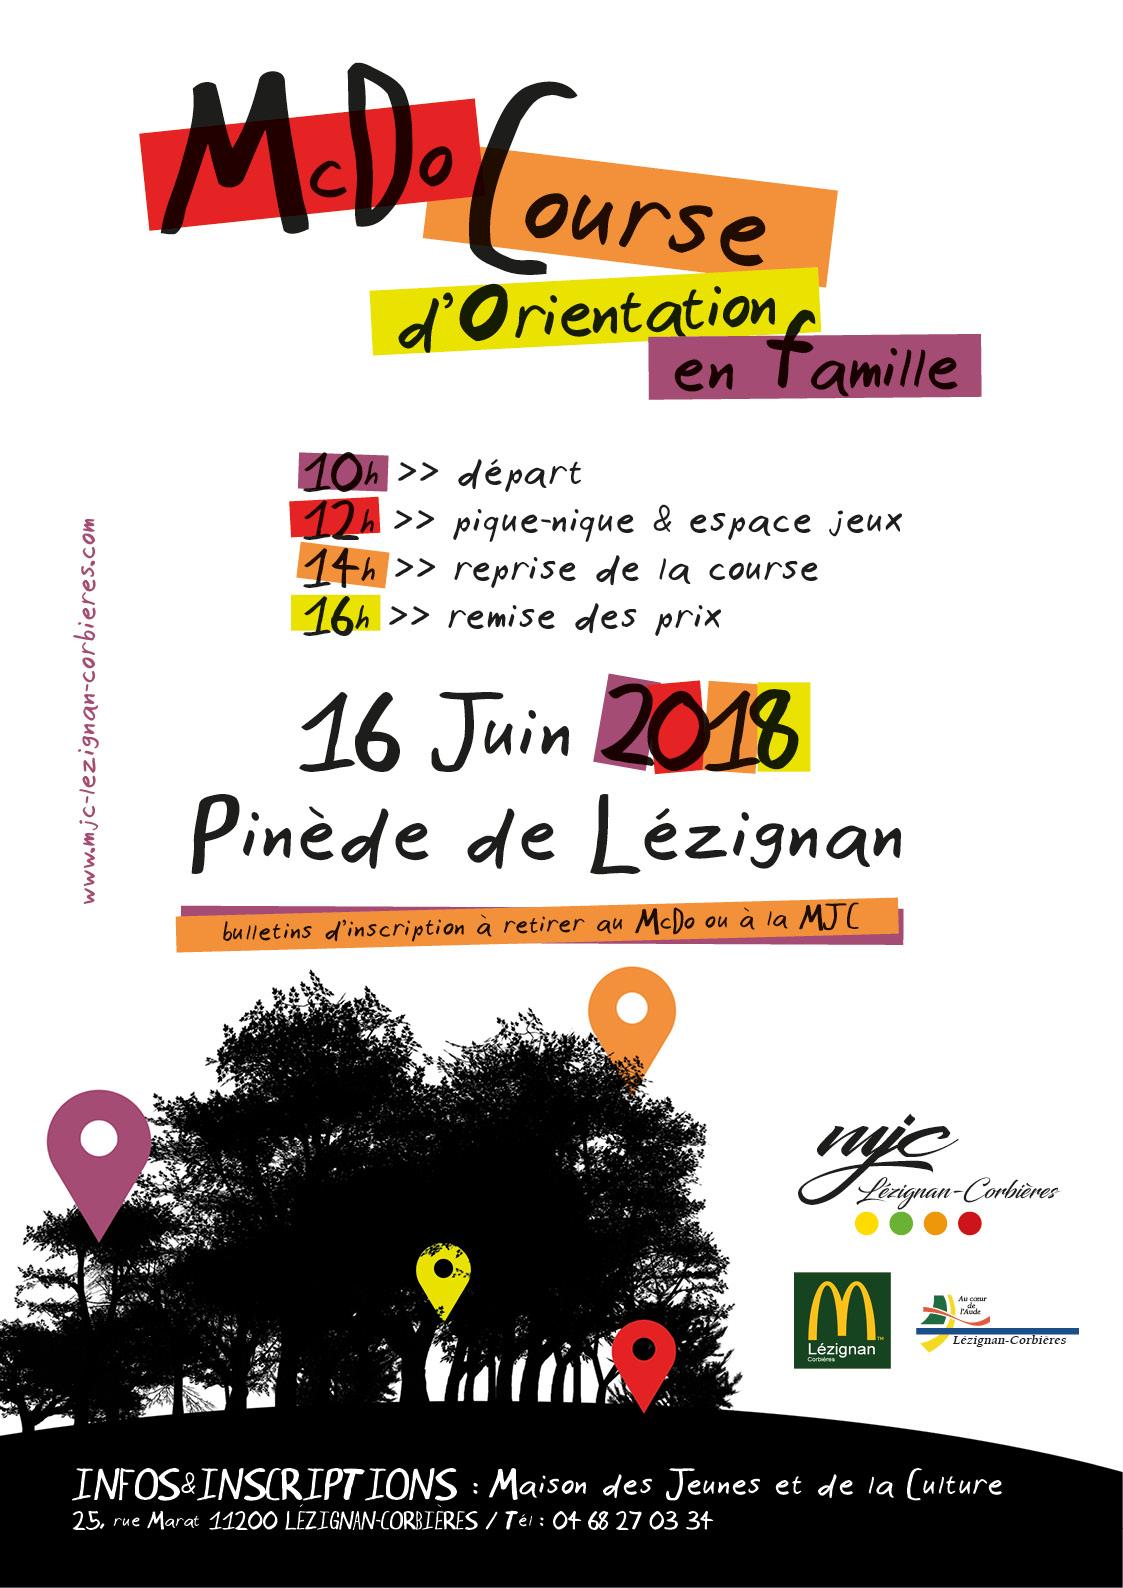 Mac Course d'Orientation avec l'ALSH La Lauseta >> le 16 Juin Pinède de Lézignan